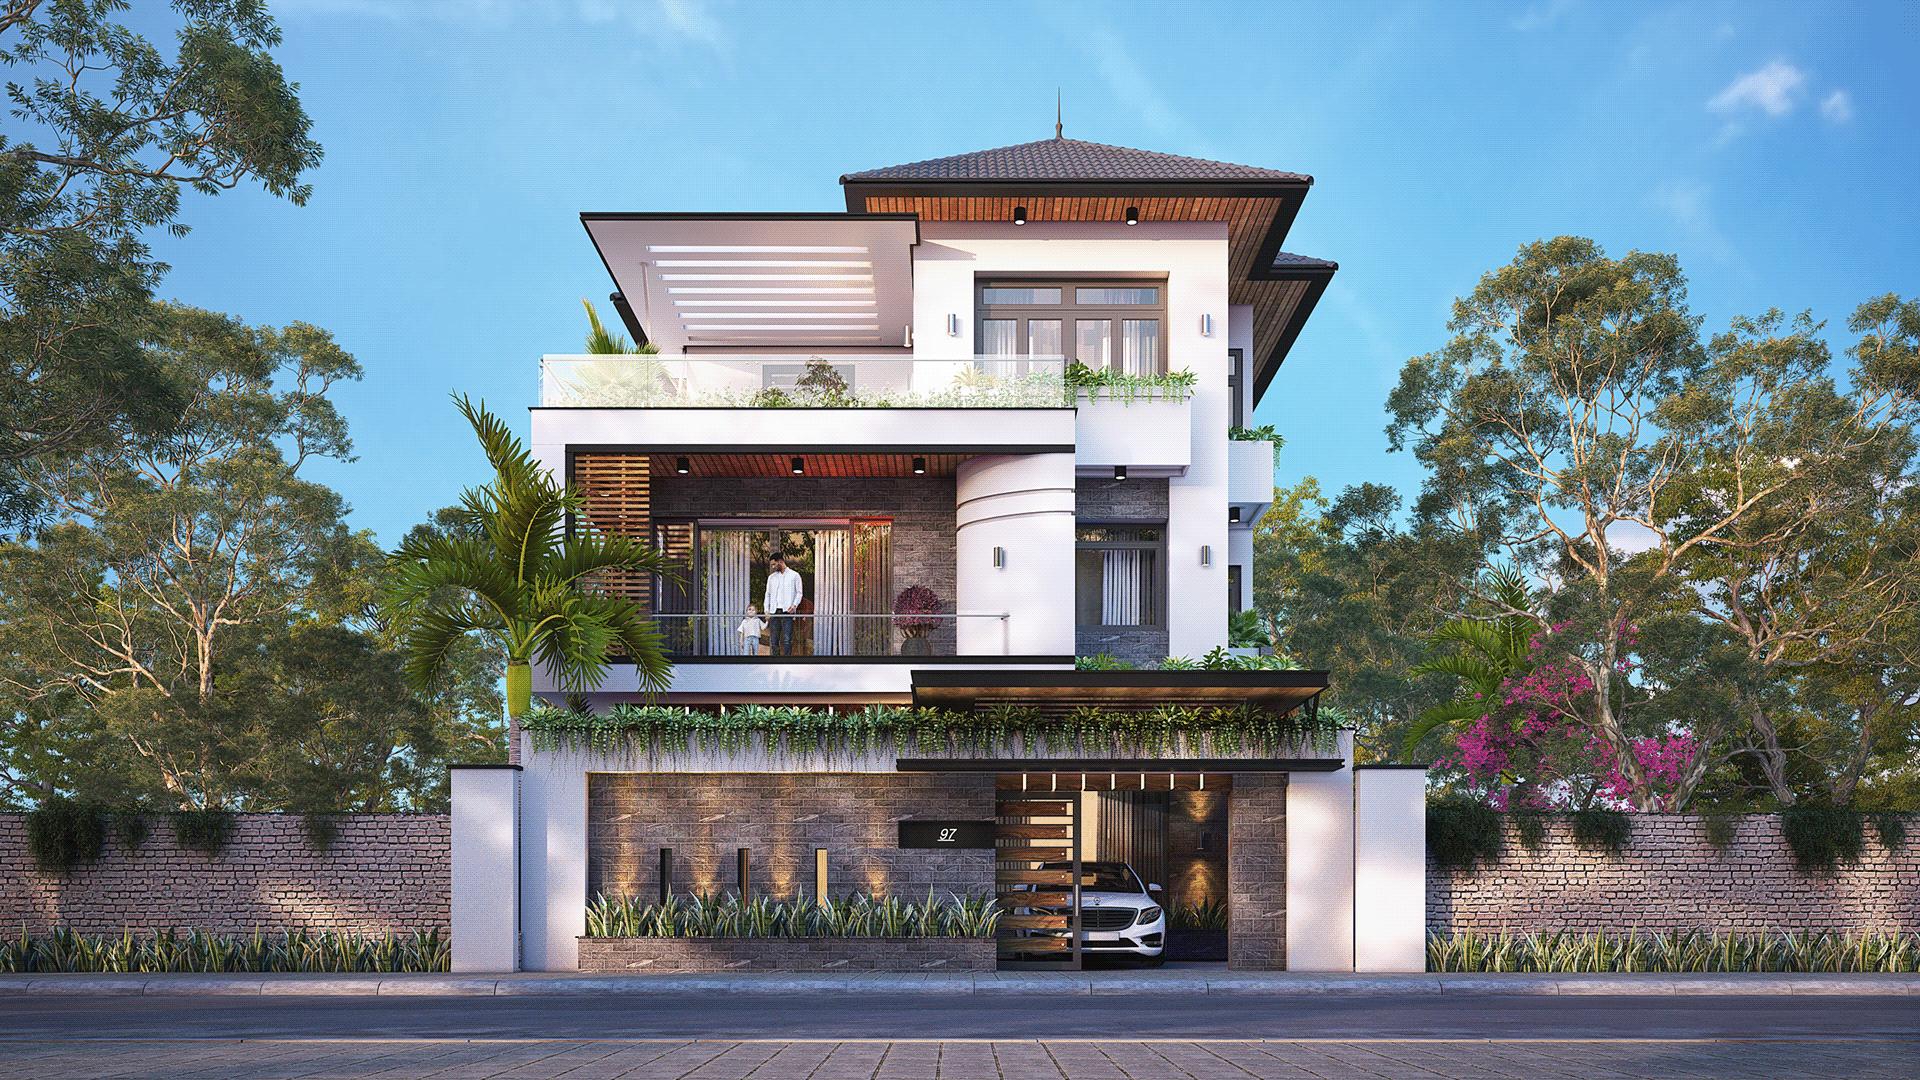 [Giới Thiệu] Thiết kế ngoại thất nhà phố 3 tầng hiện đại